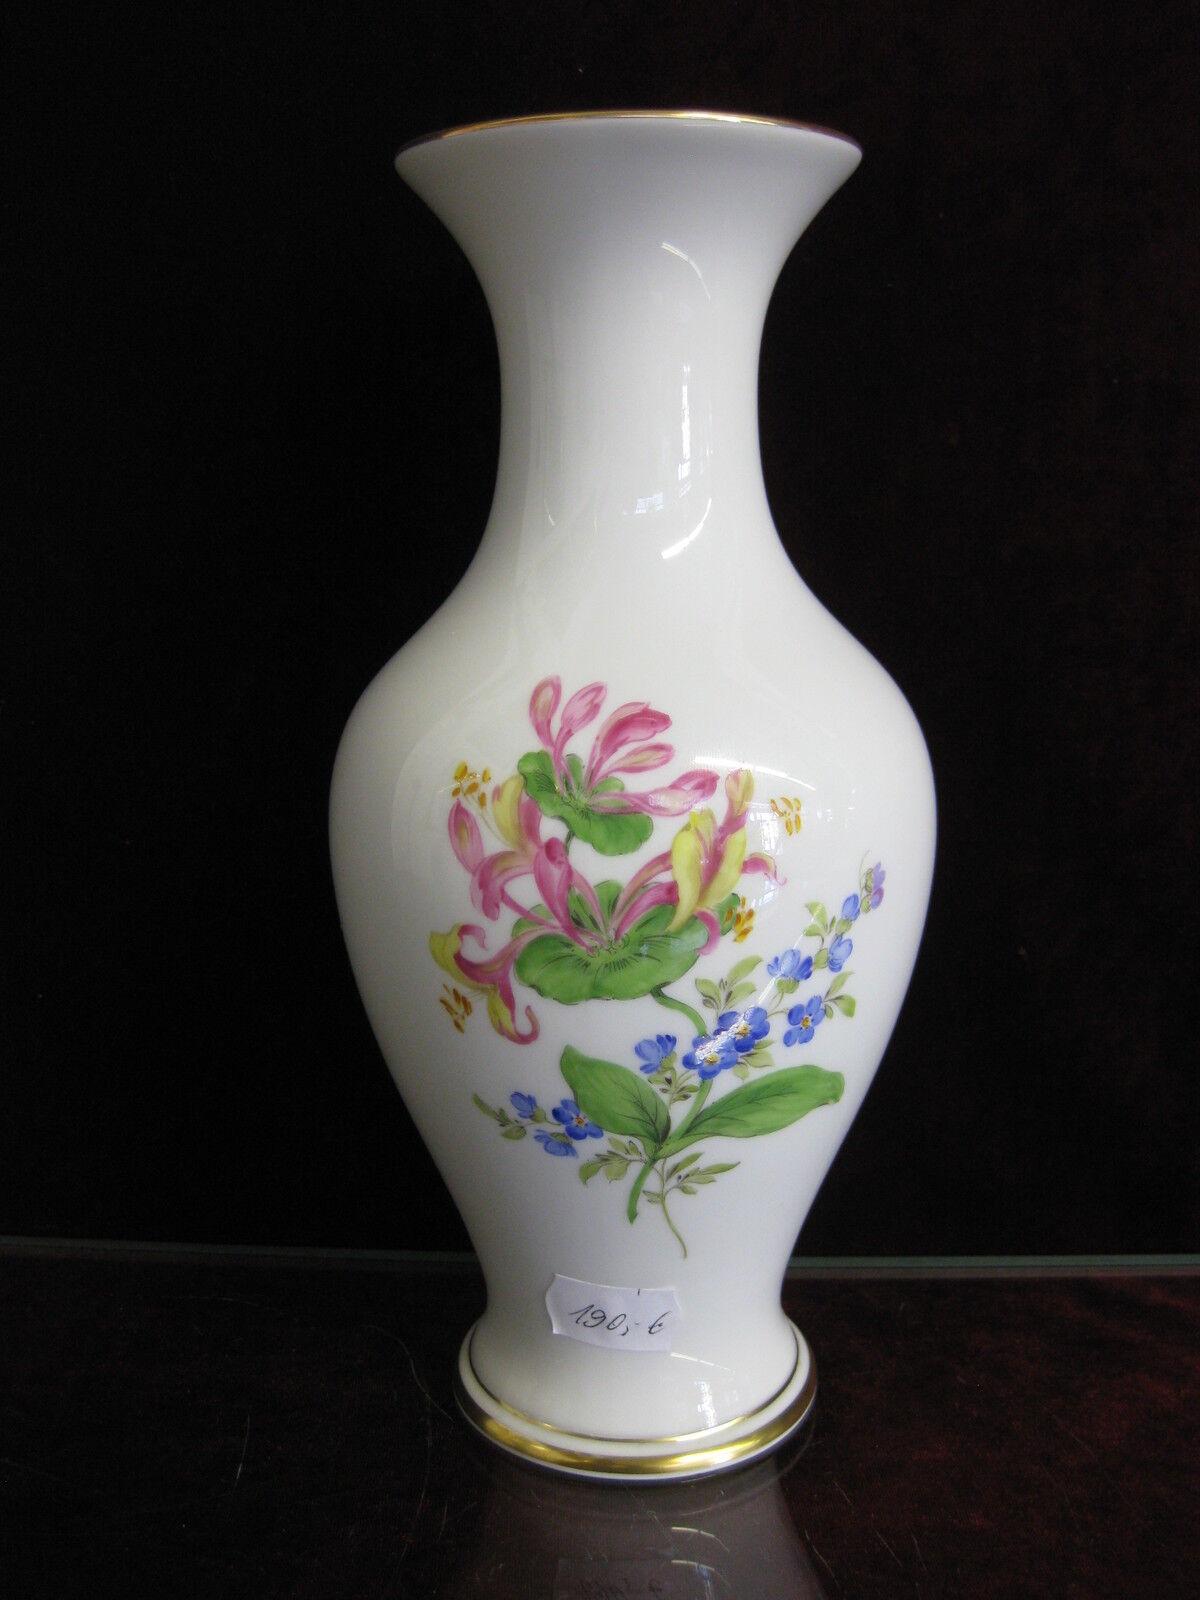 Meissen Couleuré Fleur Couleuré vase excellent état allemand Kornbleume fleurs peinture